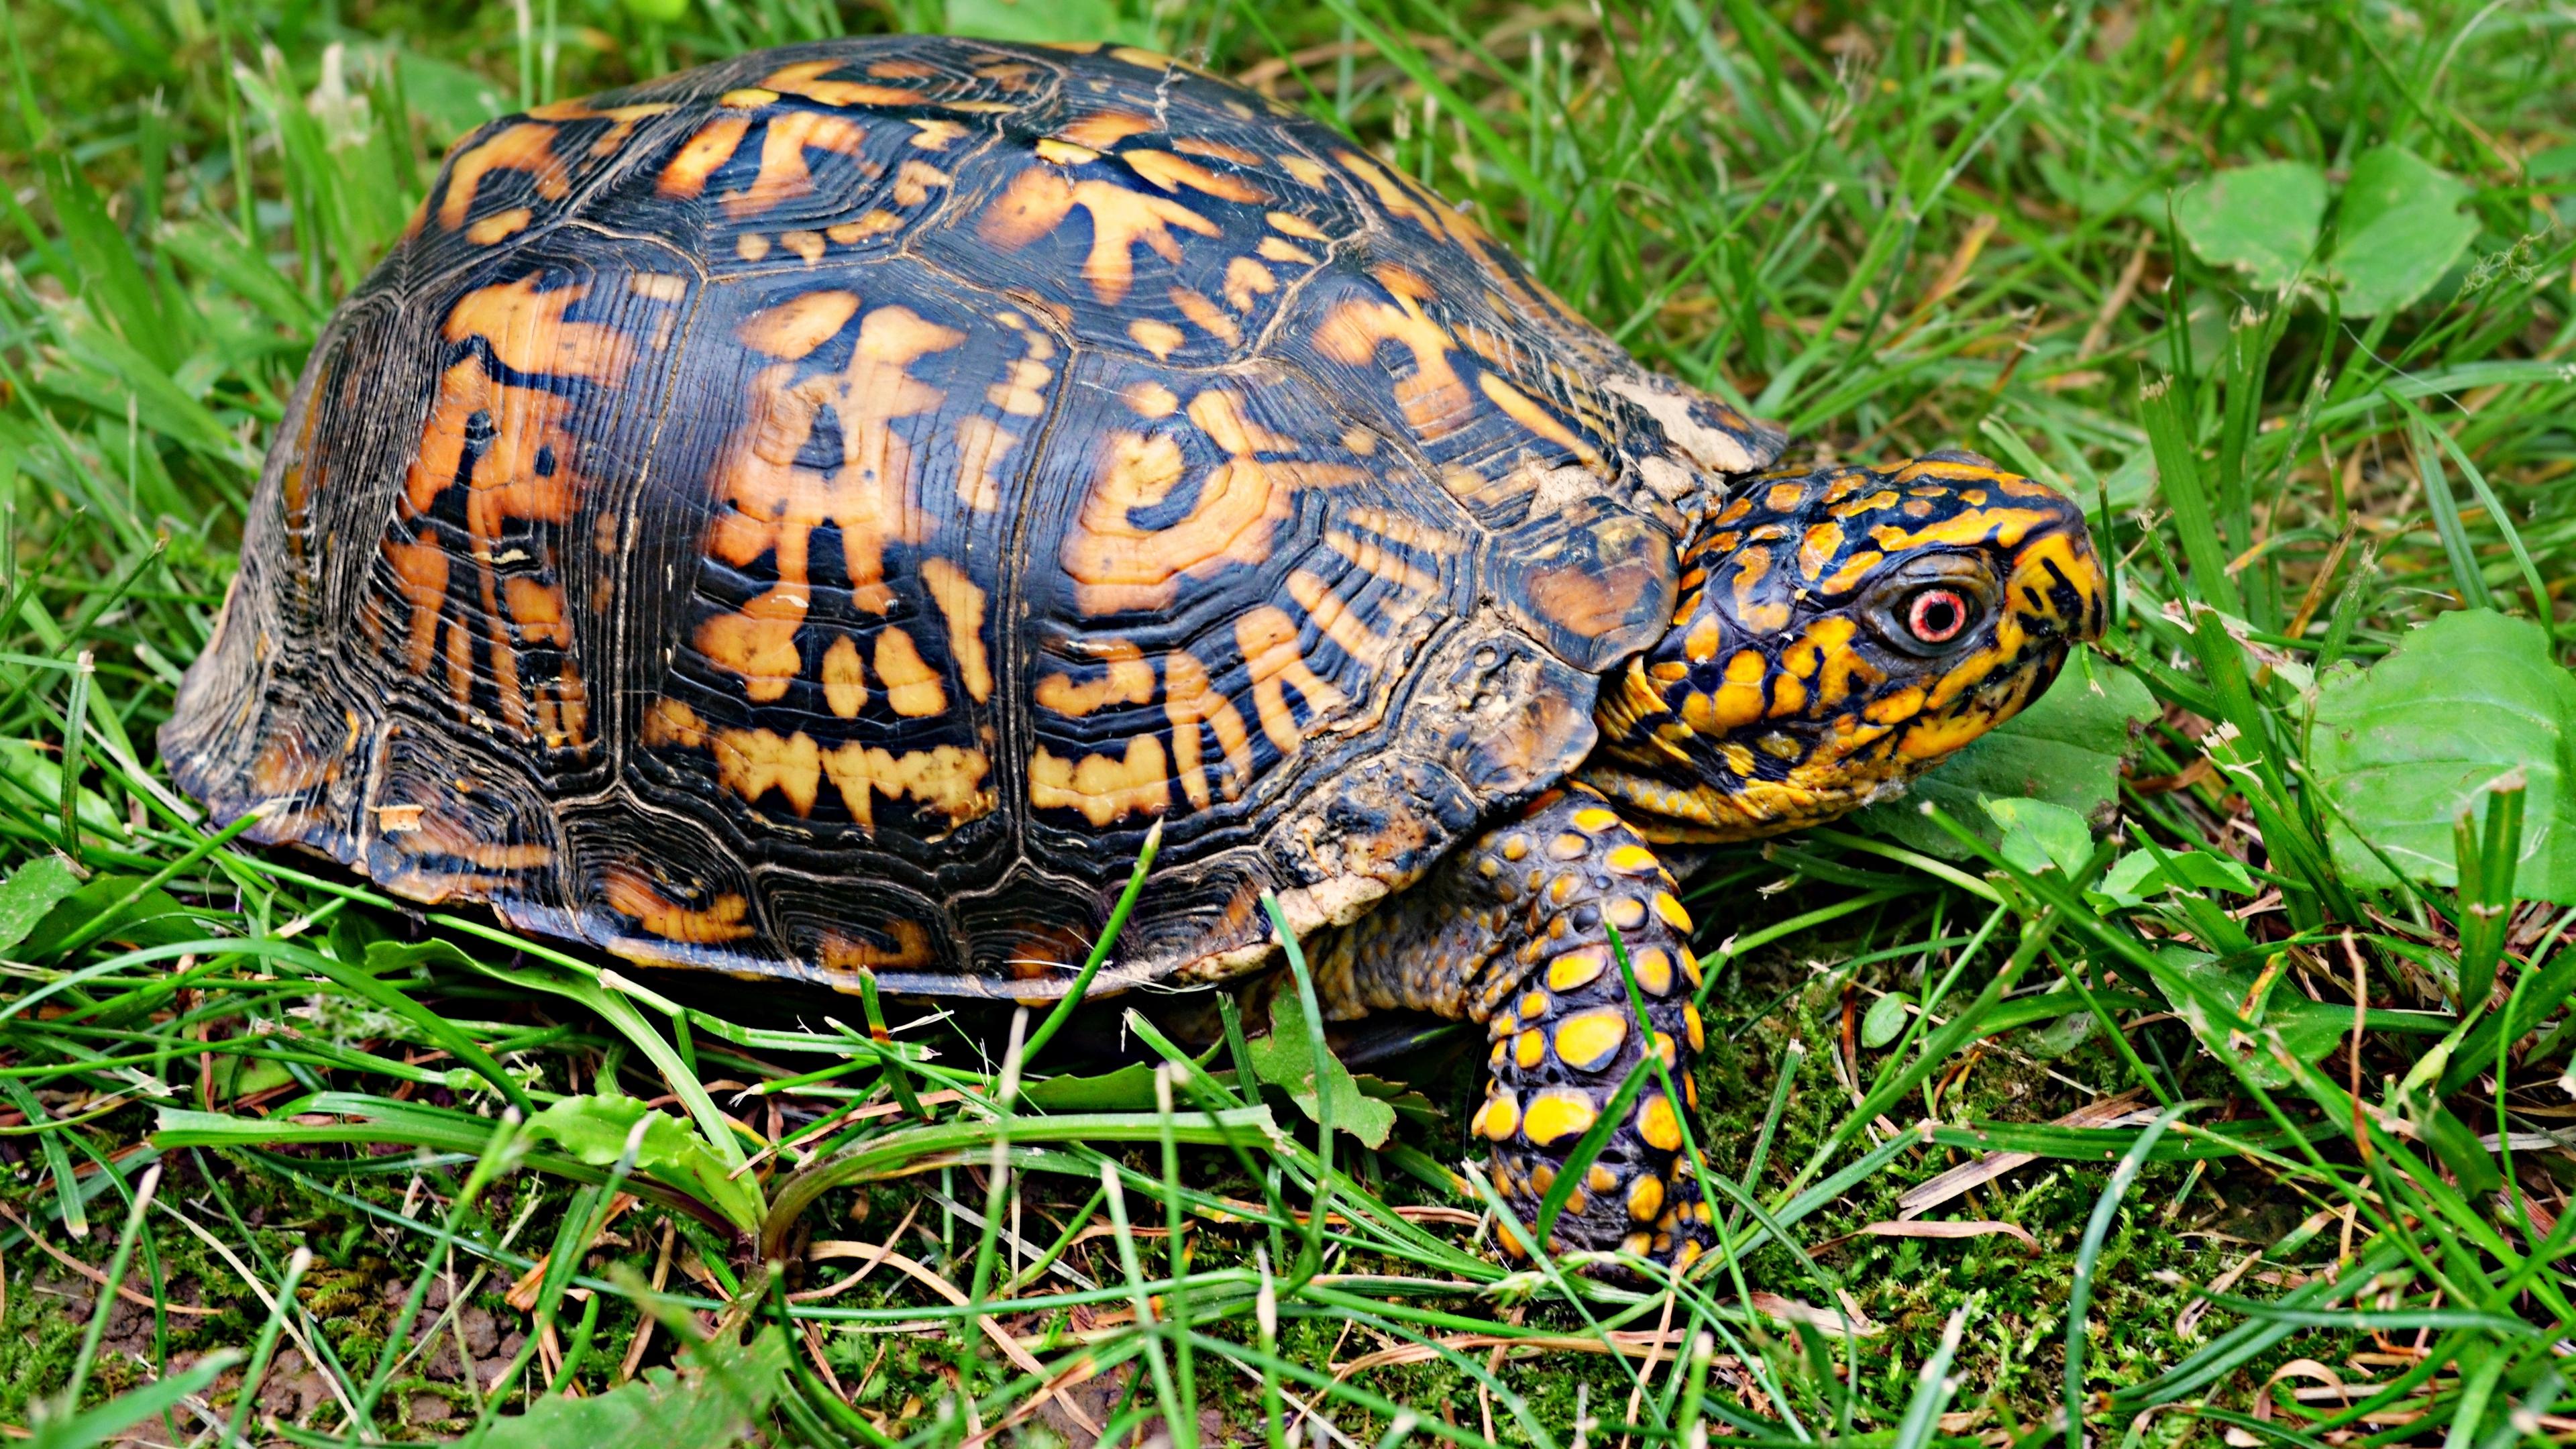 turtle shell grass 4k 1542242490 - turtle, shell, grass 4k - Turtle, Shell, Grass